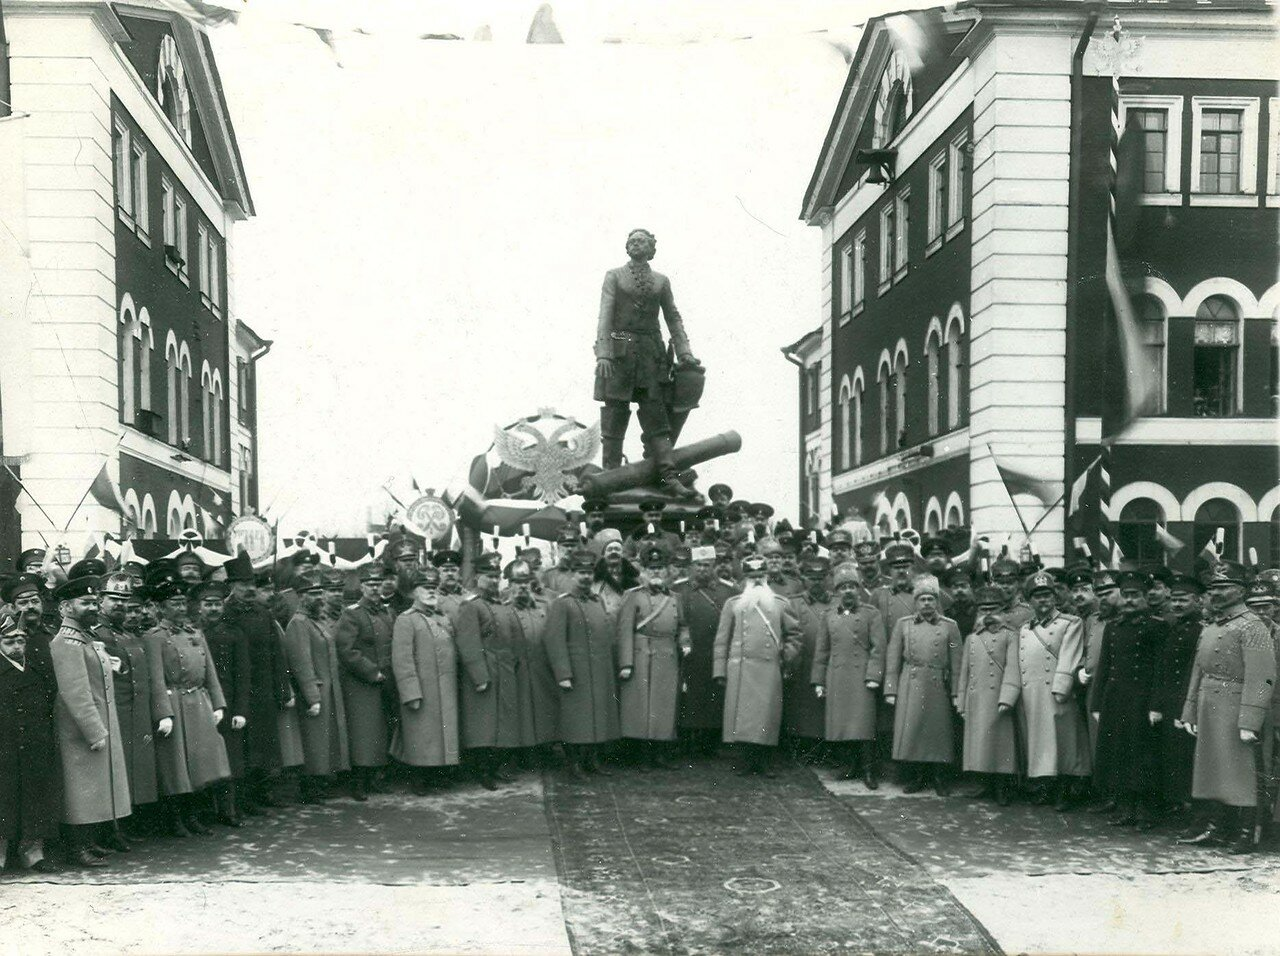 11. Группа участников празднования 200-летия Арсенала у памятника Петру I , открытого в день юбилея. 21 апреля 1914